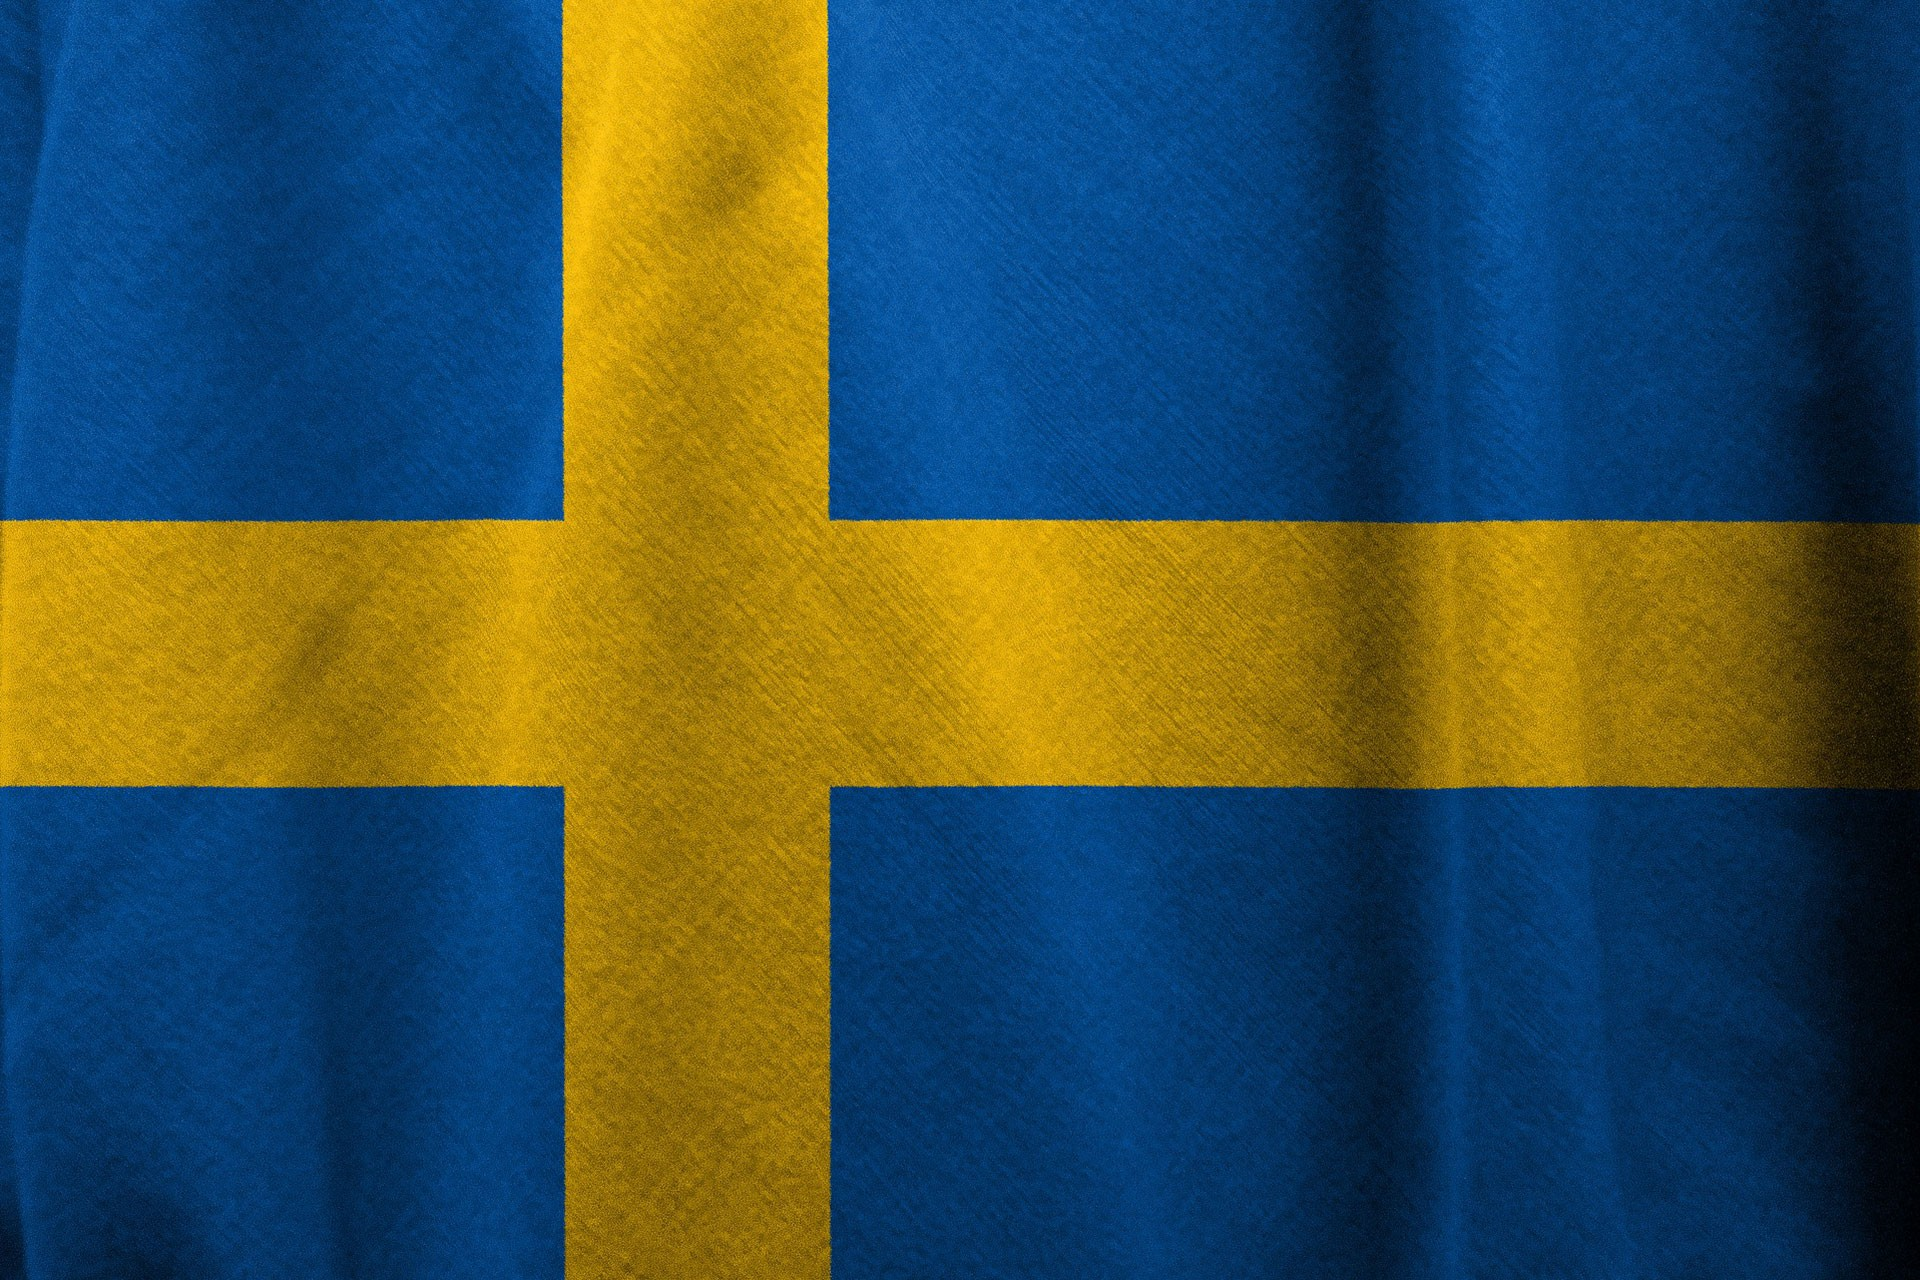 isveç bayrağı